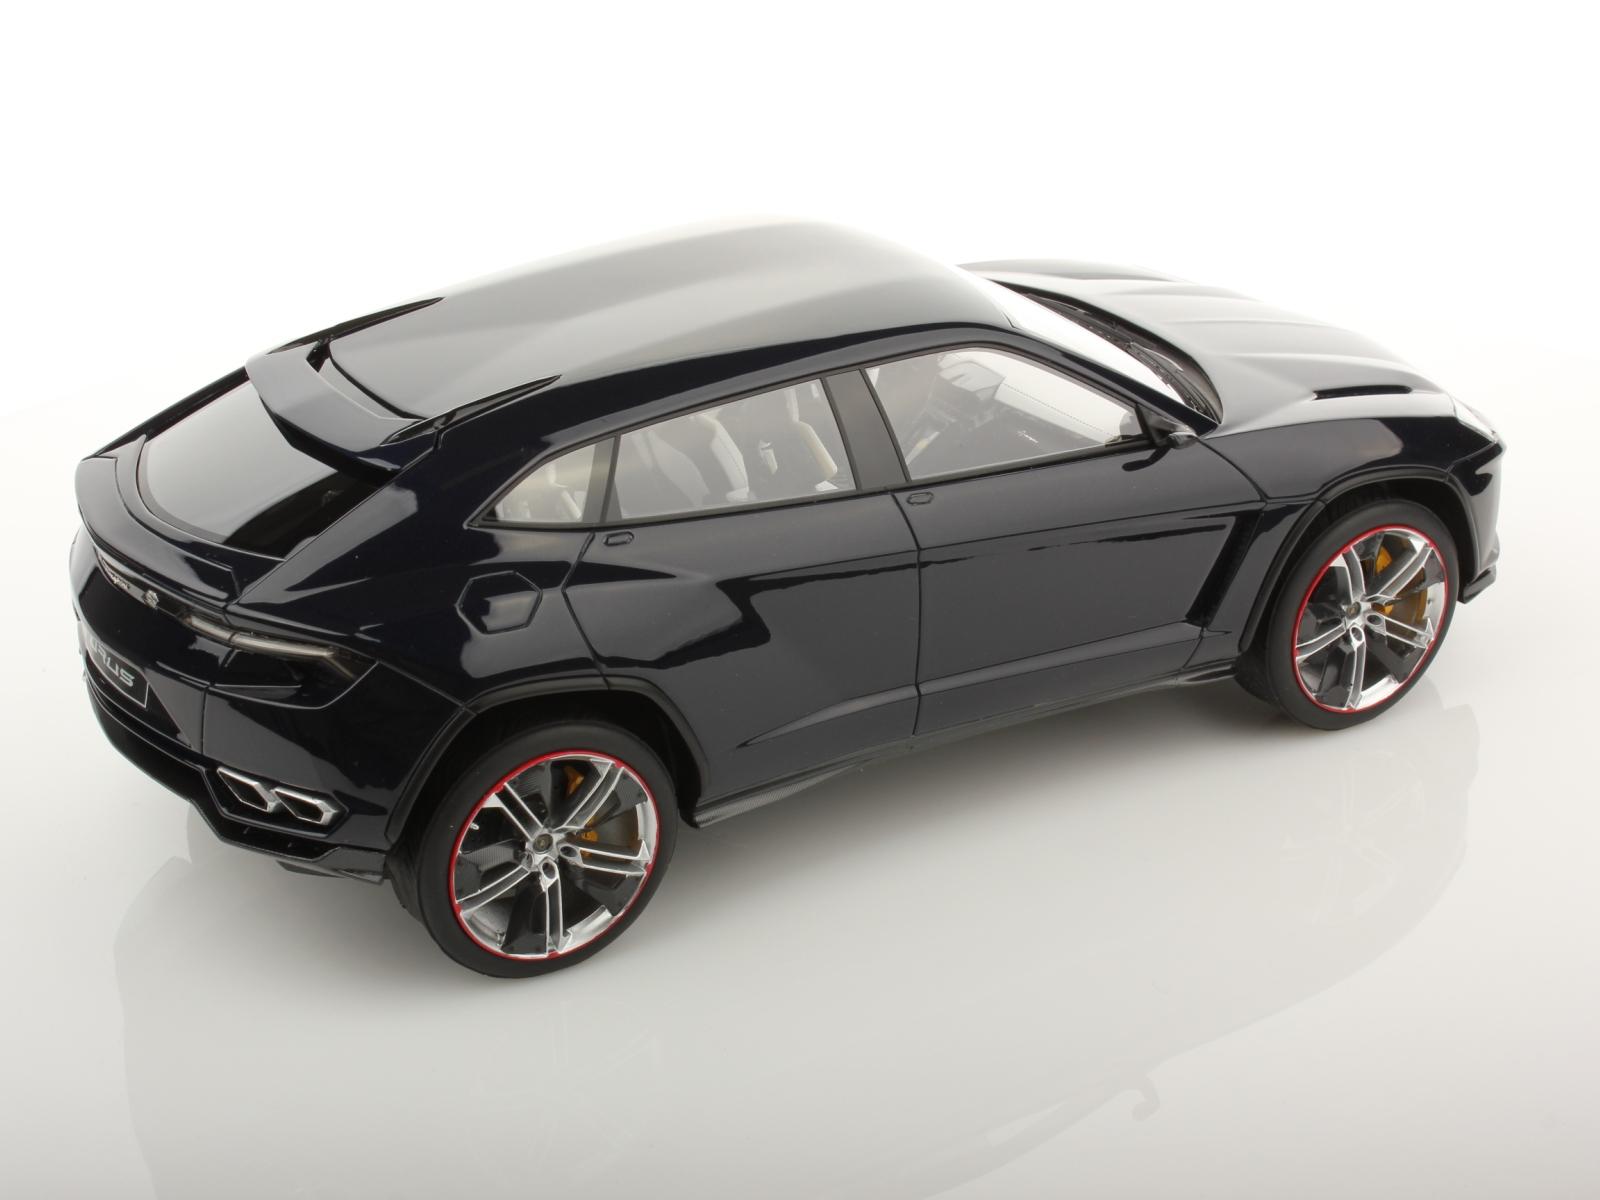 Audi Ceo Confirms 2018 Launch For Lamborghini Urus Q8